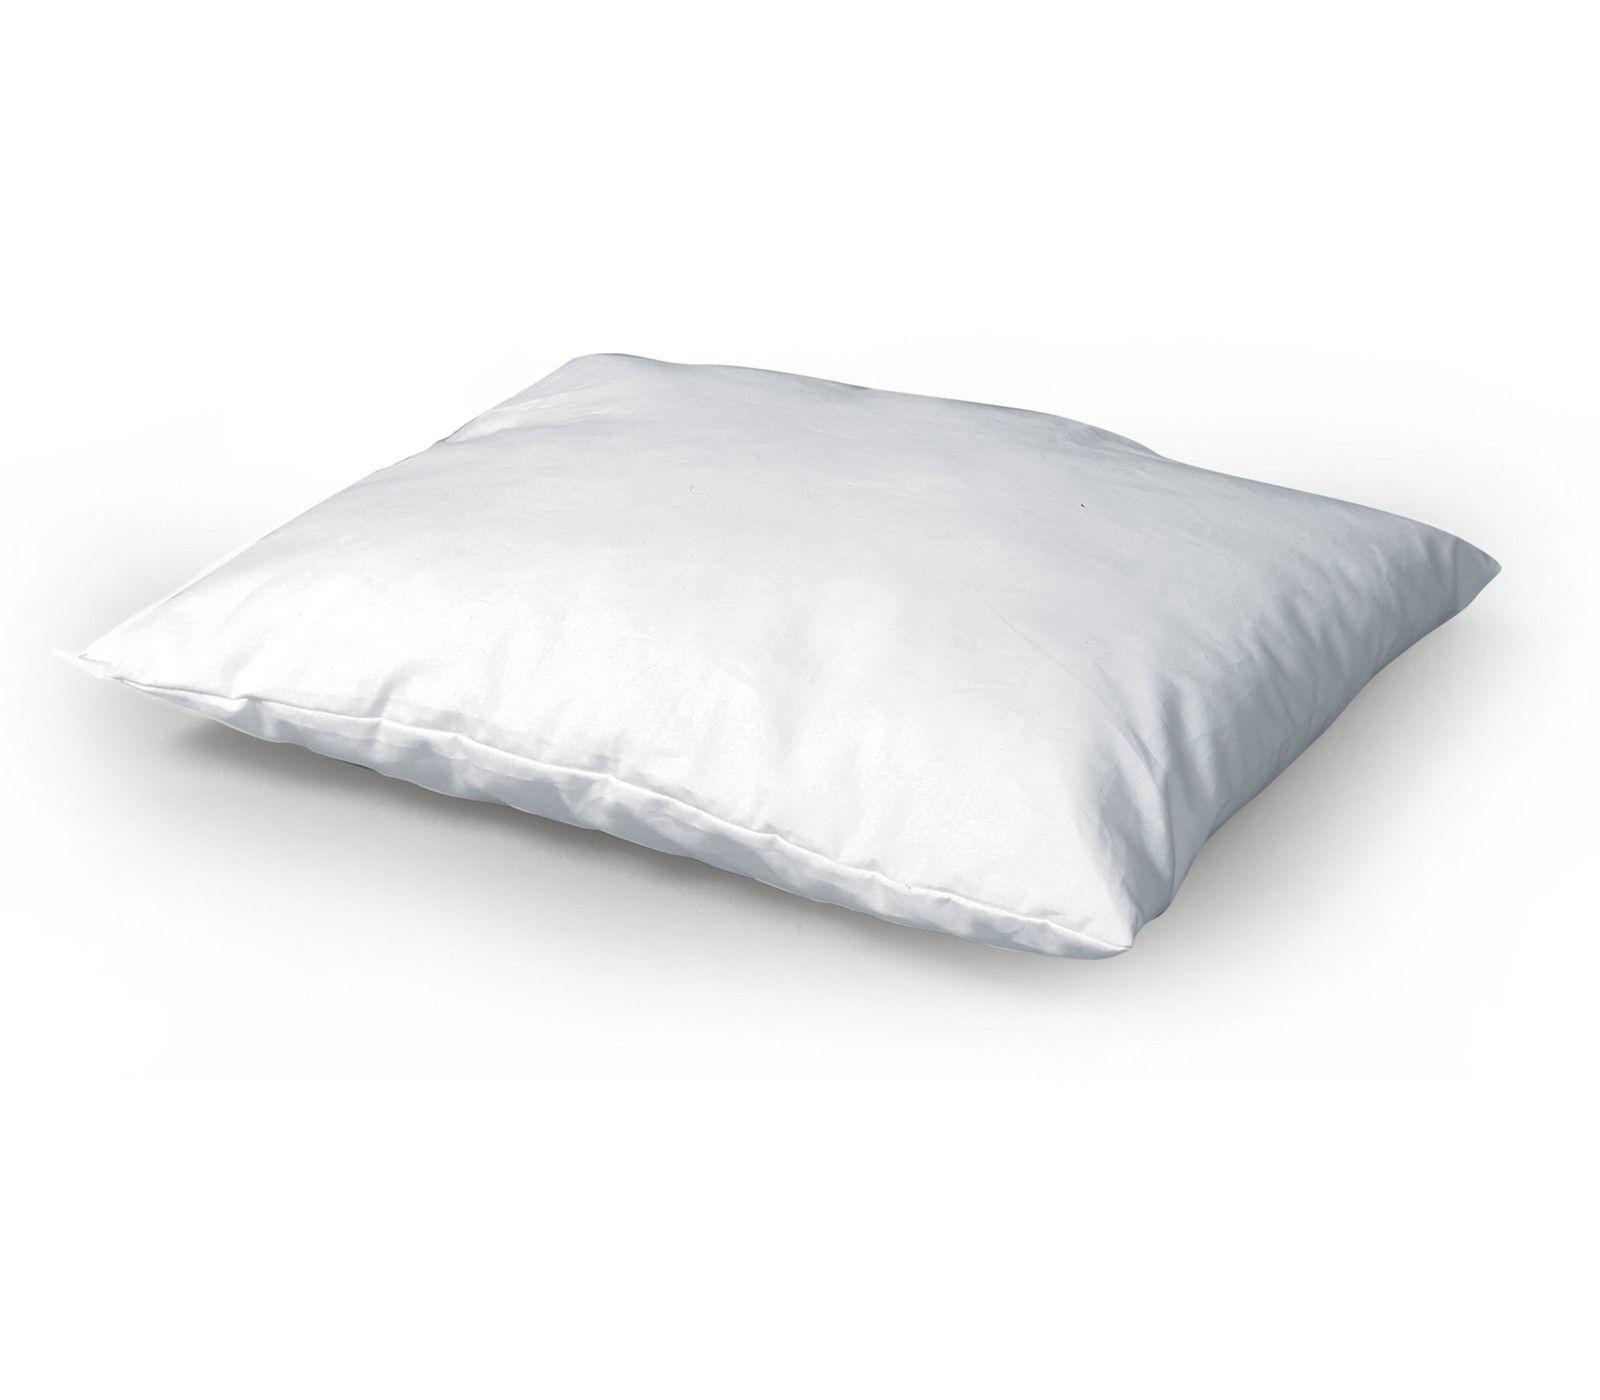 Μαξιλάρι Ύπνου 30×40 Nef Nef White Linen Ballfiber 120γρ Μαλακό